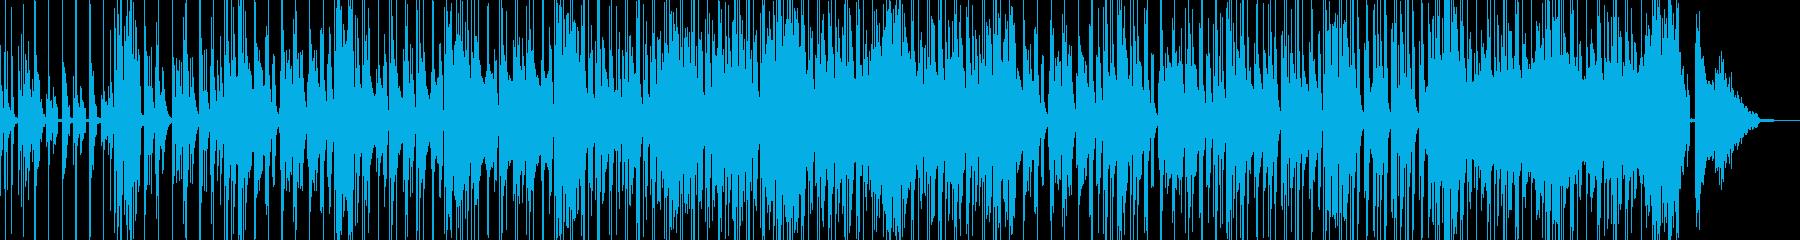 コメディに適した滑稽なBGM・低音有の再生済みの波形